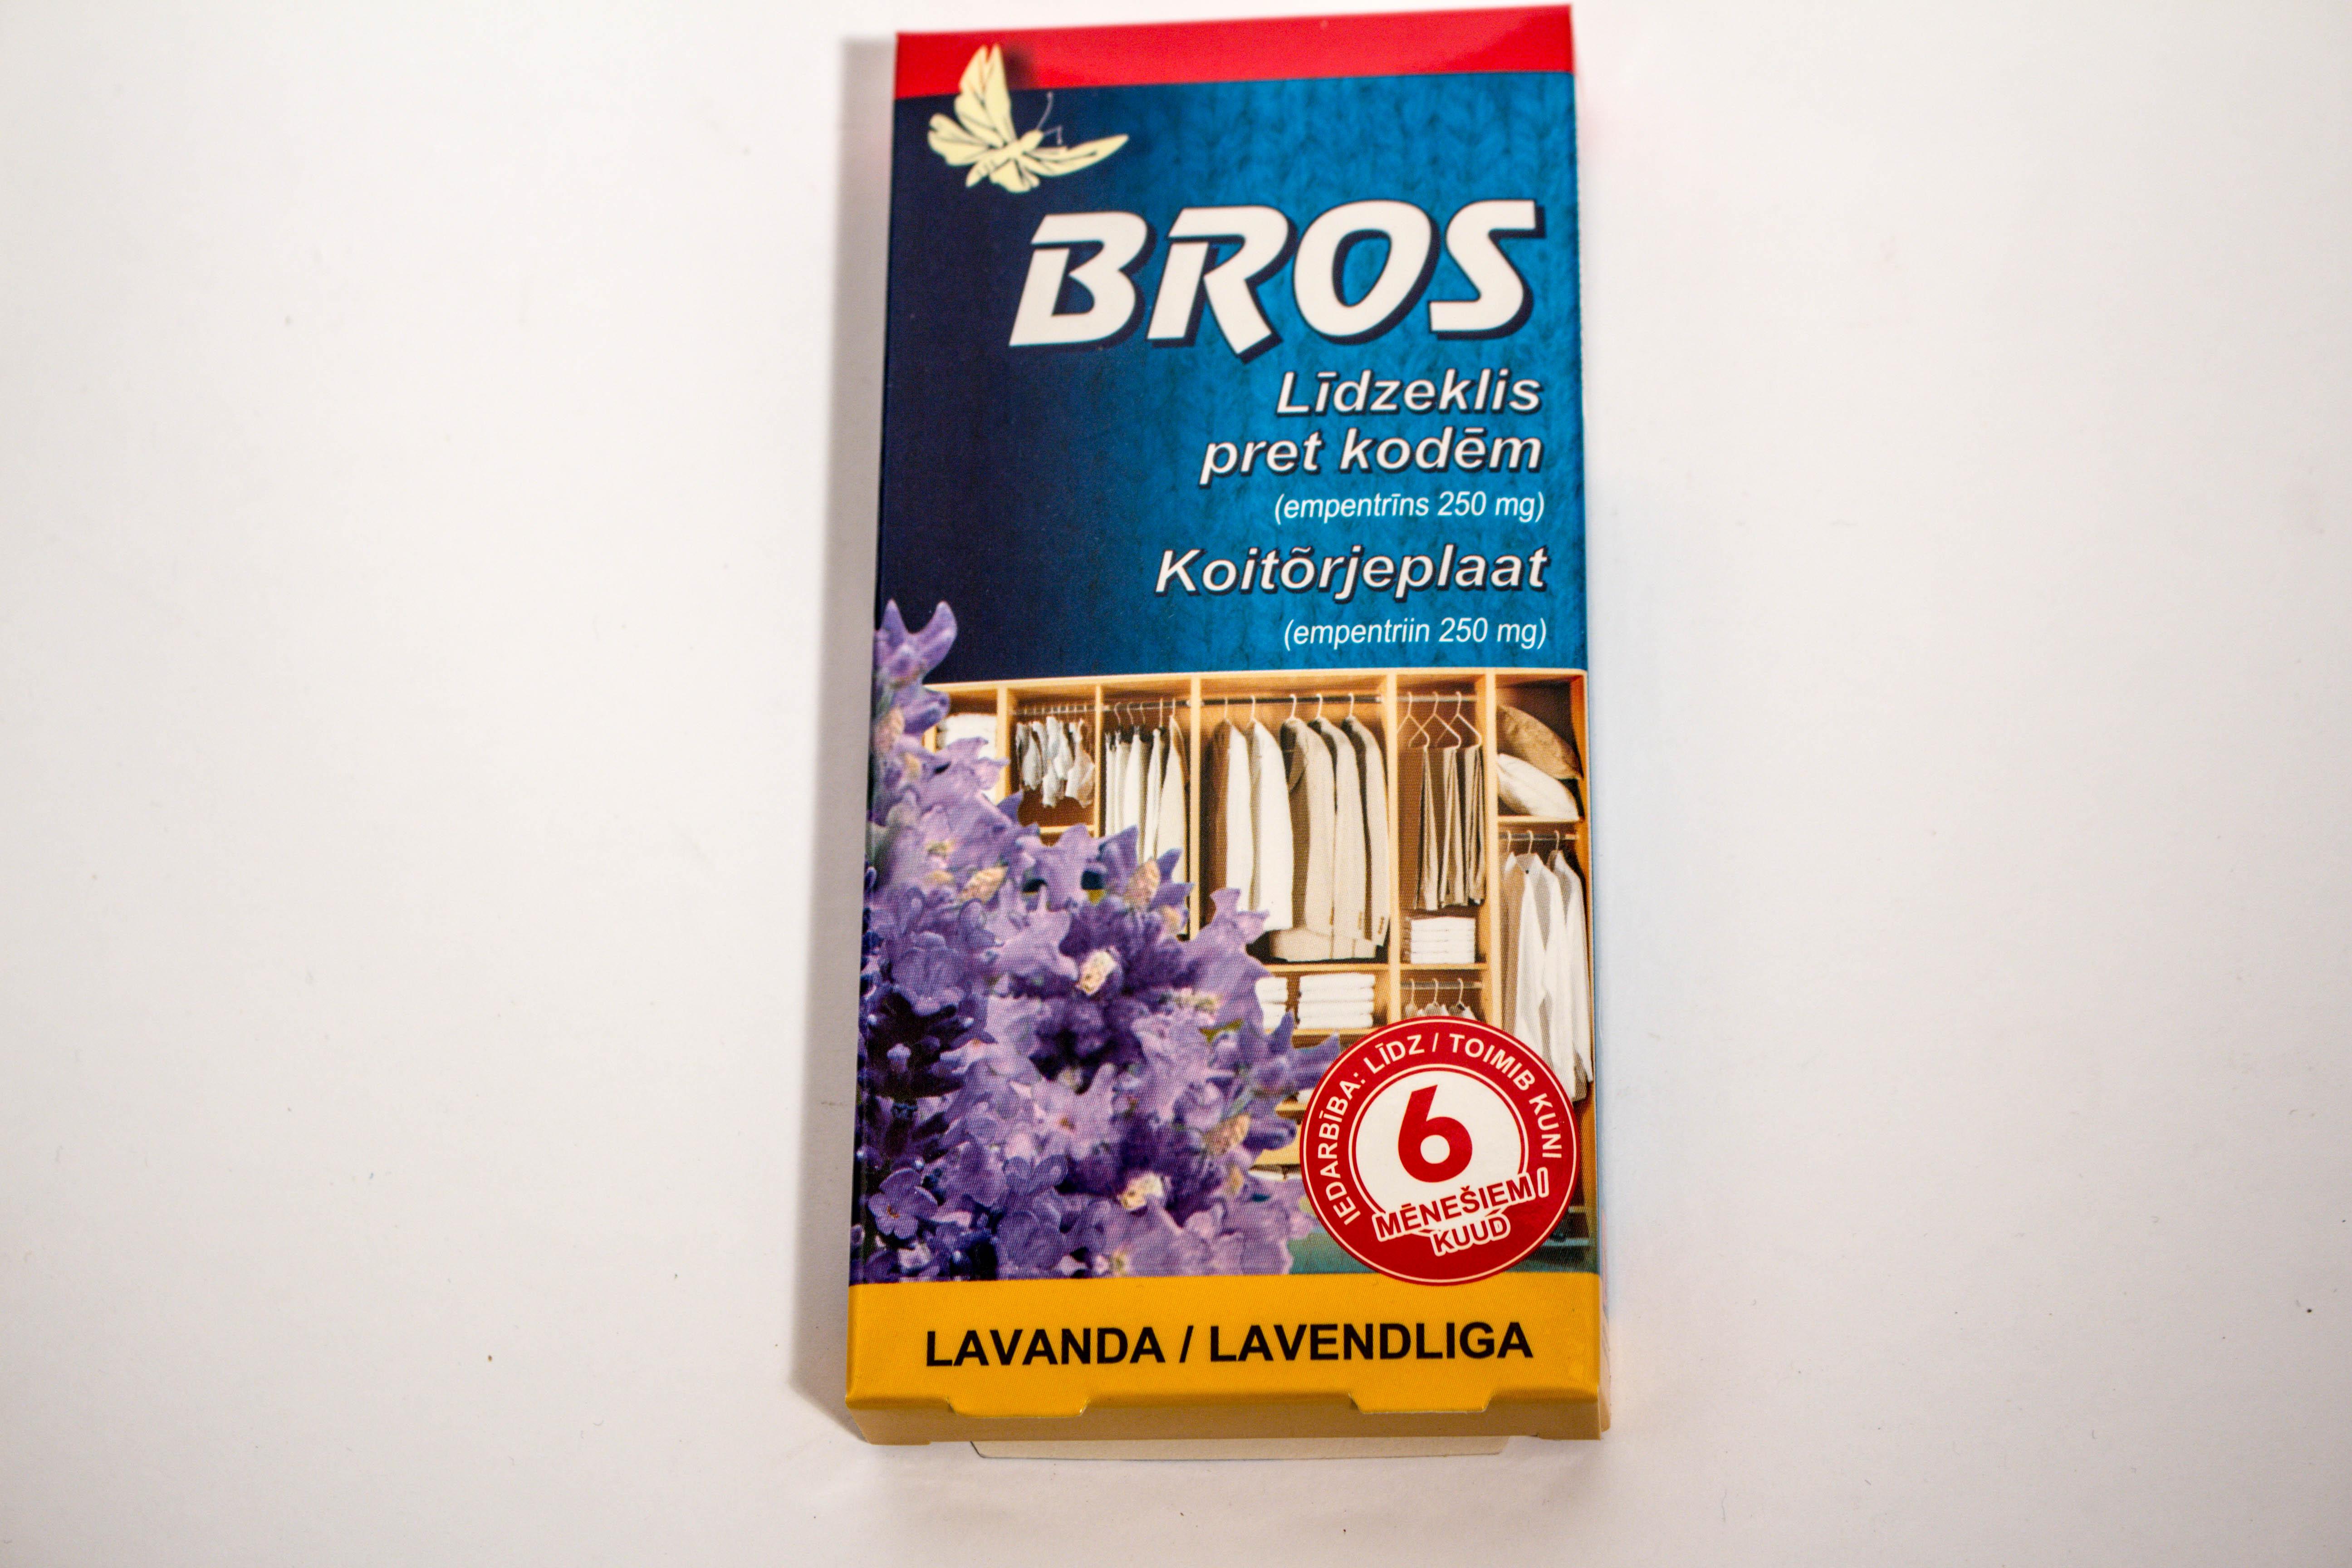 c995e88a734 Bros koitõrjeplaat lavendliga - MopMan | Eesti kogenuim ...